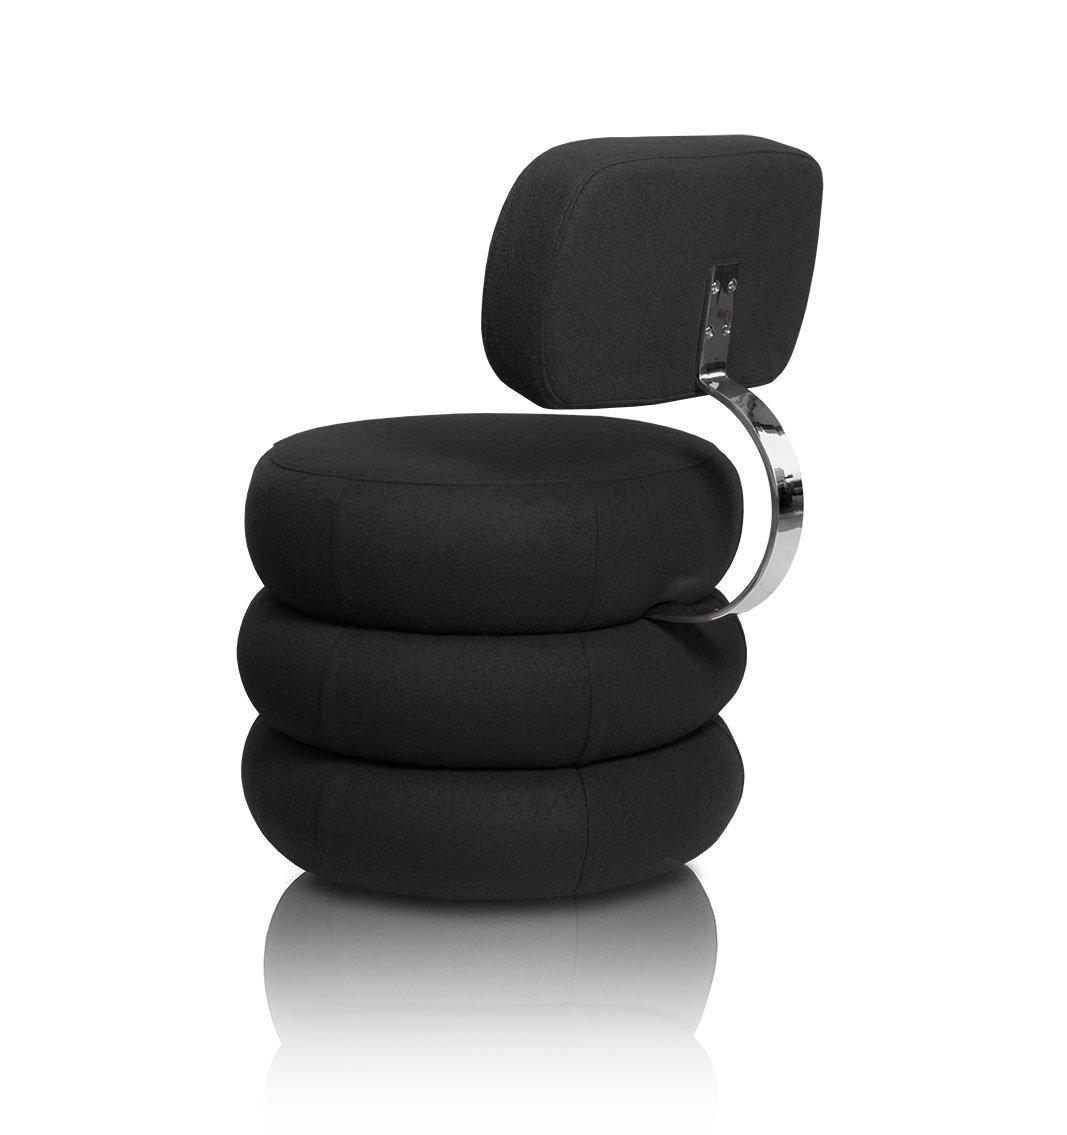 Astounding Ausgefallene Sessel Sammlung Von Concept.de: Neuerraum Ausgefallener Kreisrunder Esstisch Stuhl Lounge